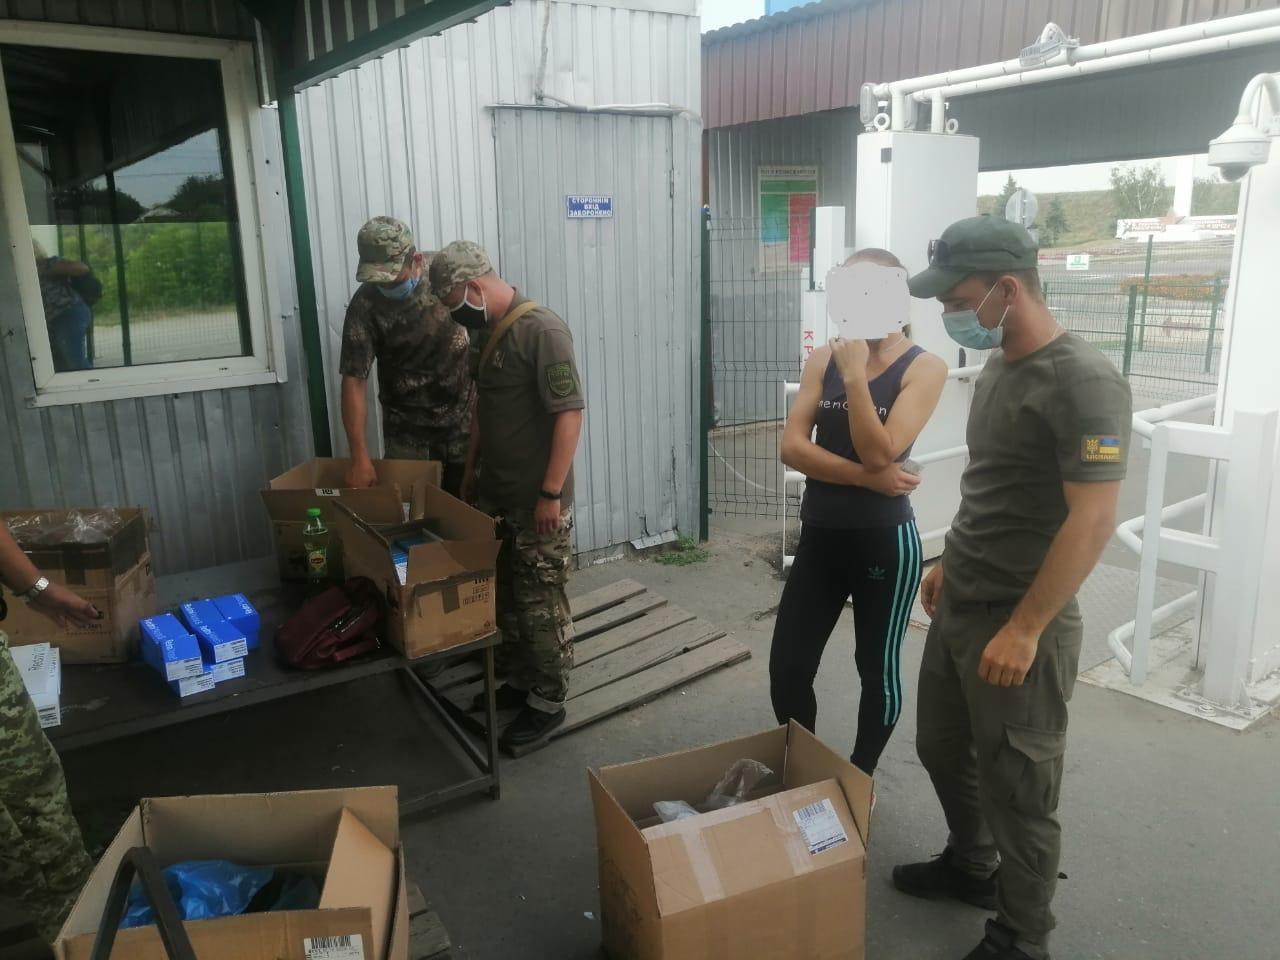 протизаконне переміщення товарів лінія розмежування контрабанда Донбас